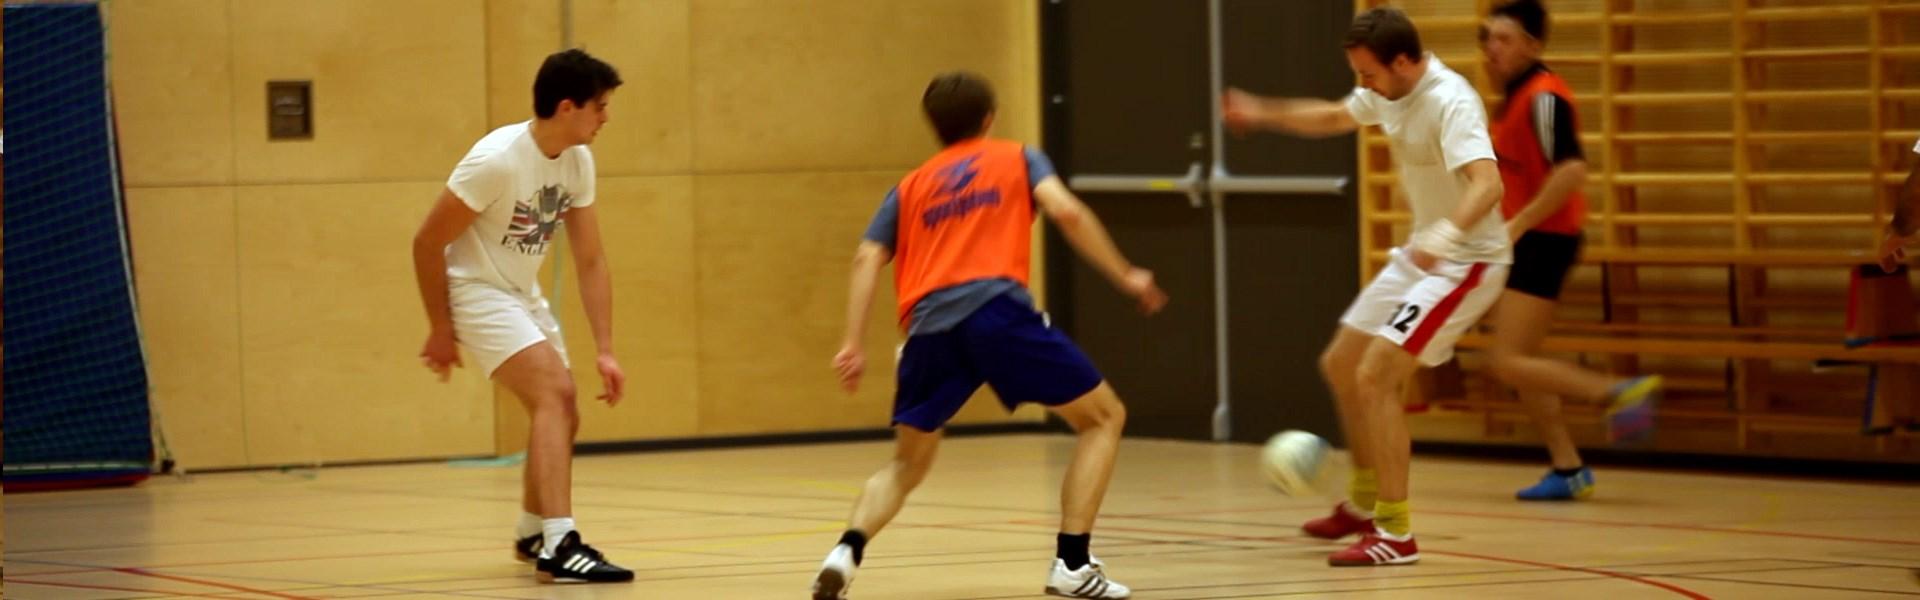 Campus1477 gym i Uppsala - Futsal b3421ffdd9b3b